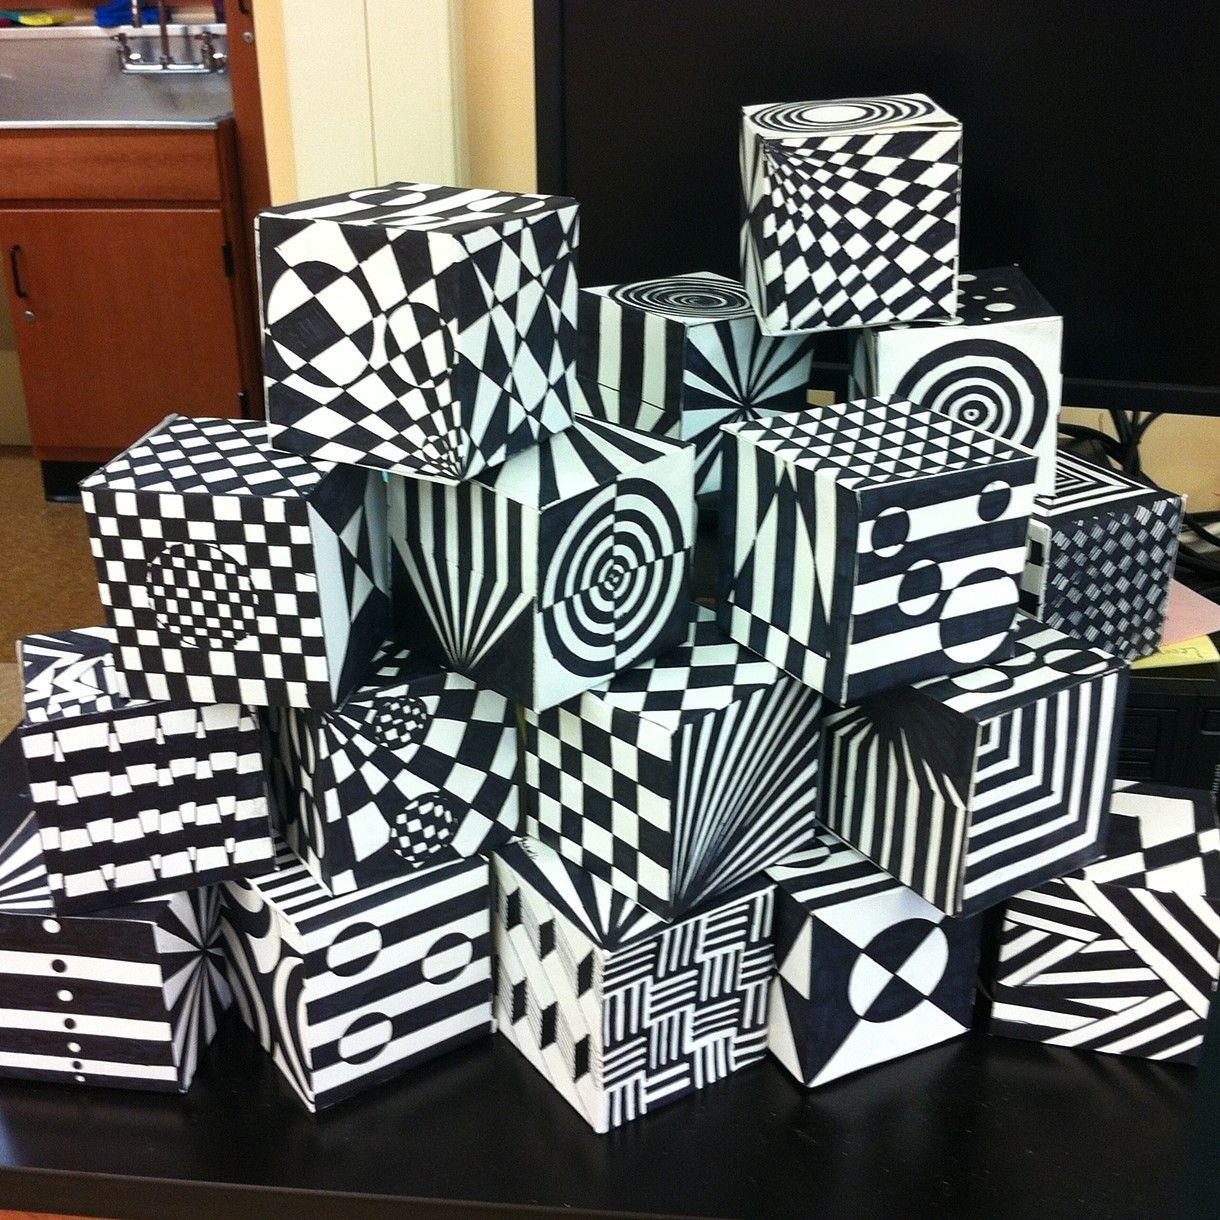 Op Art Cube Template